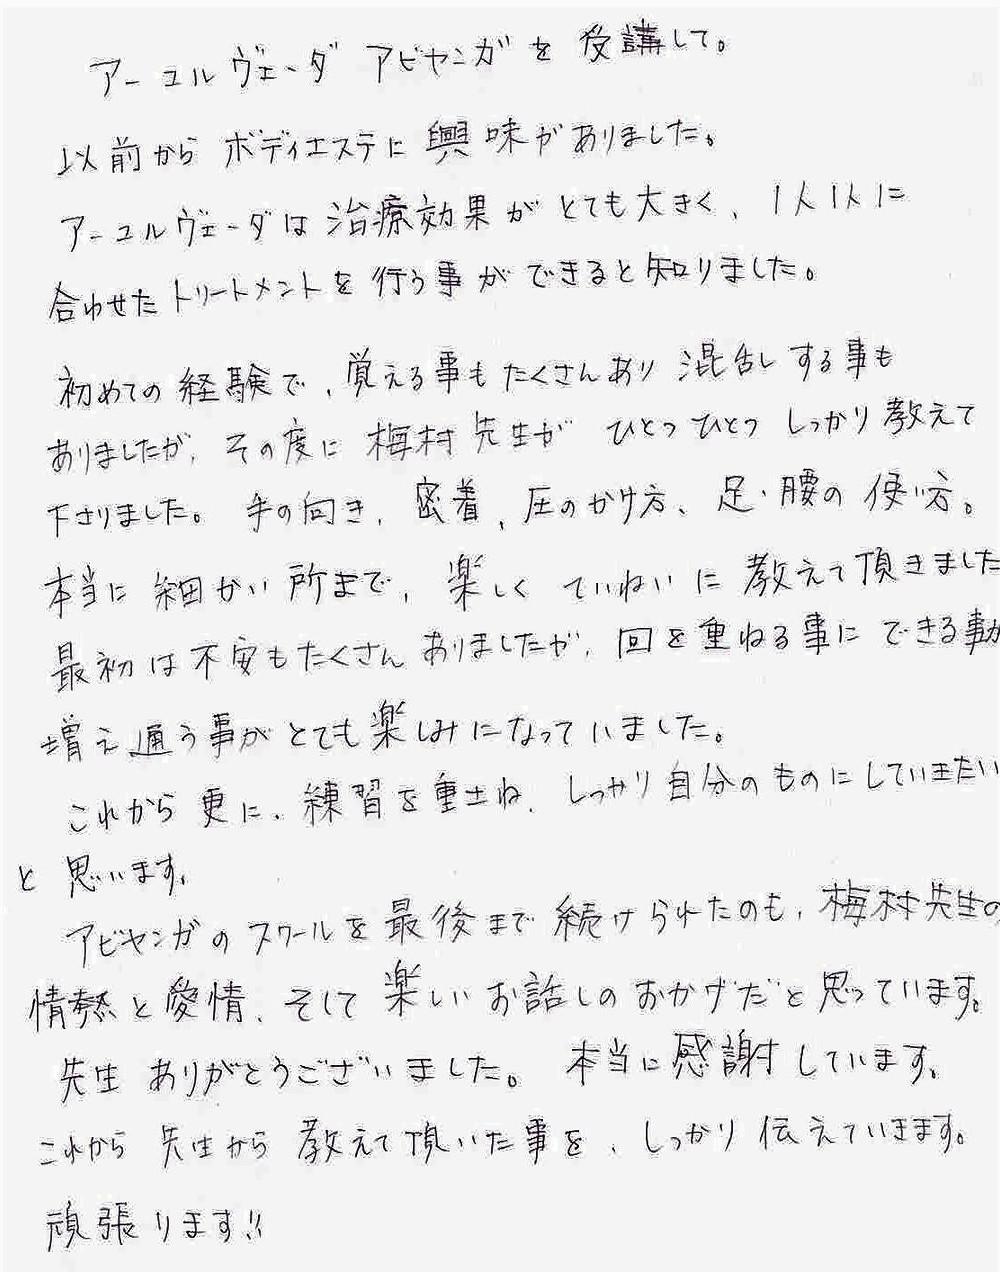 アビヤンガ技術講座感想 20.7